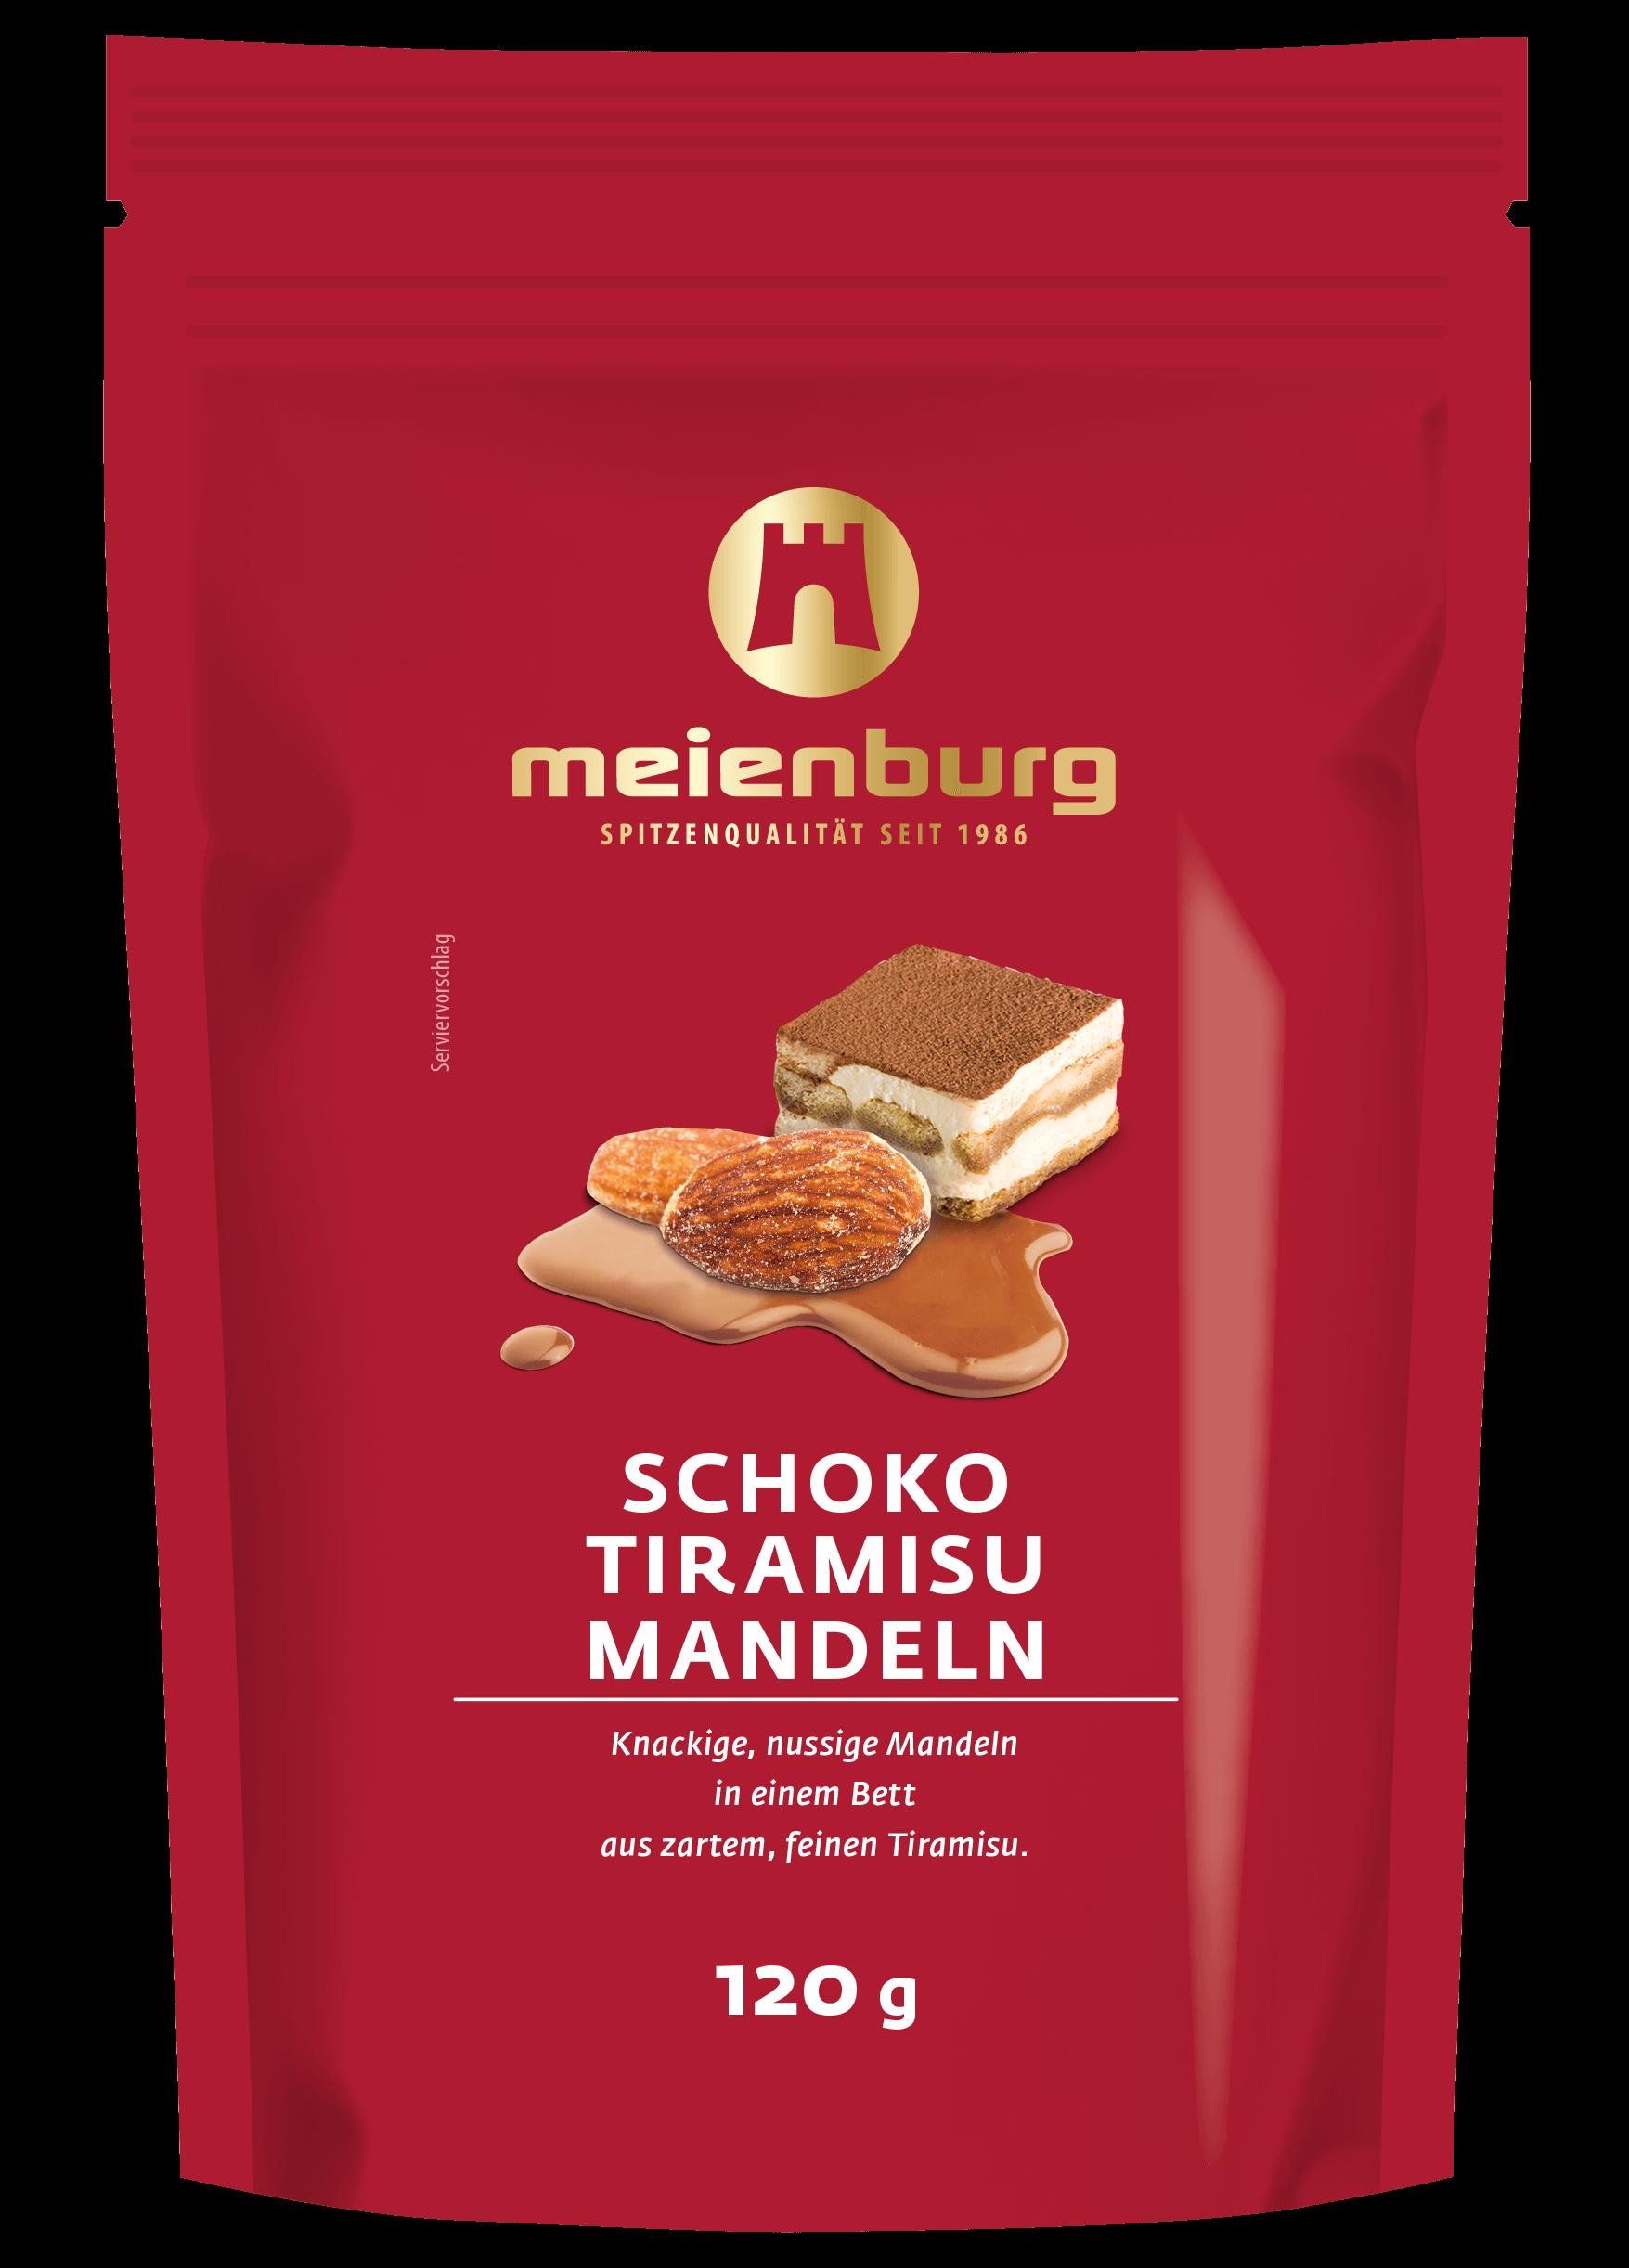 Schoko-Tiramisu Mandeln 120g